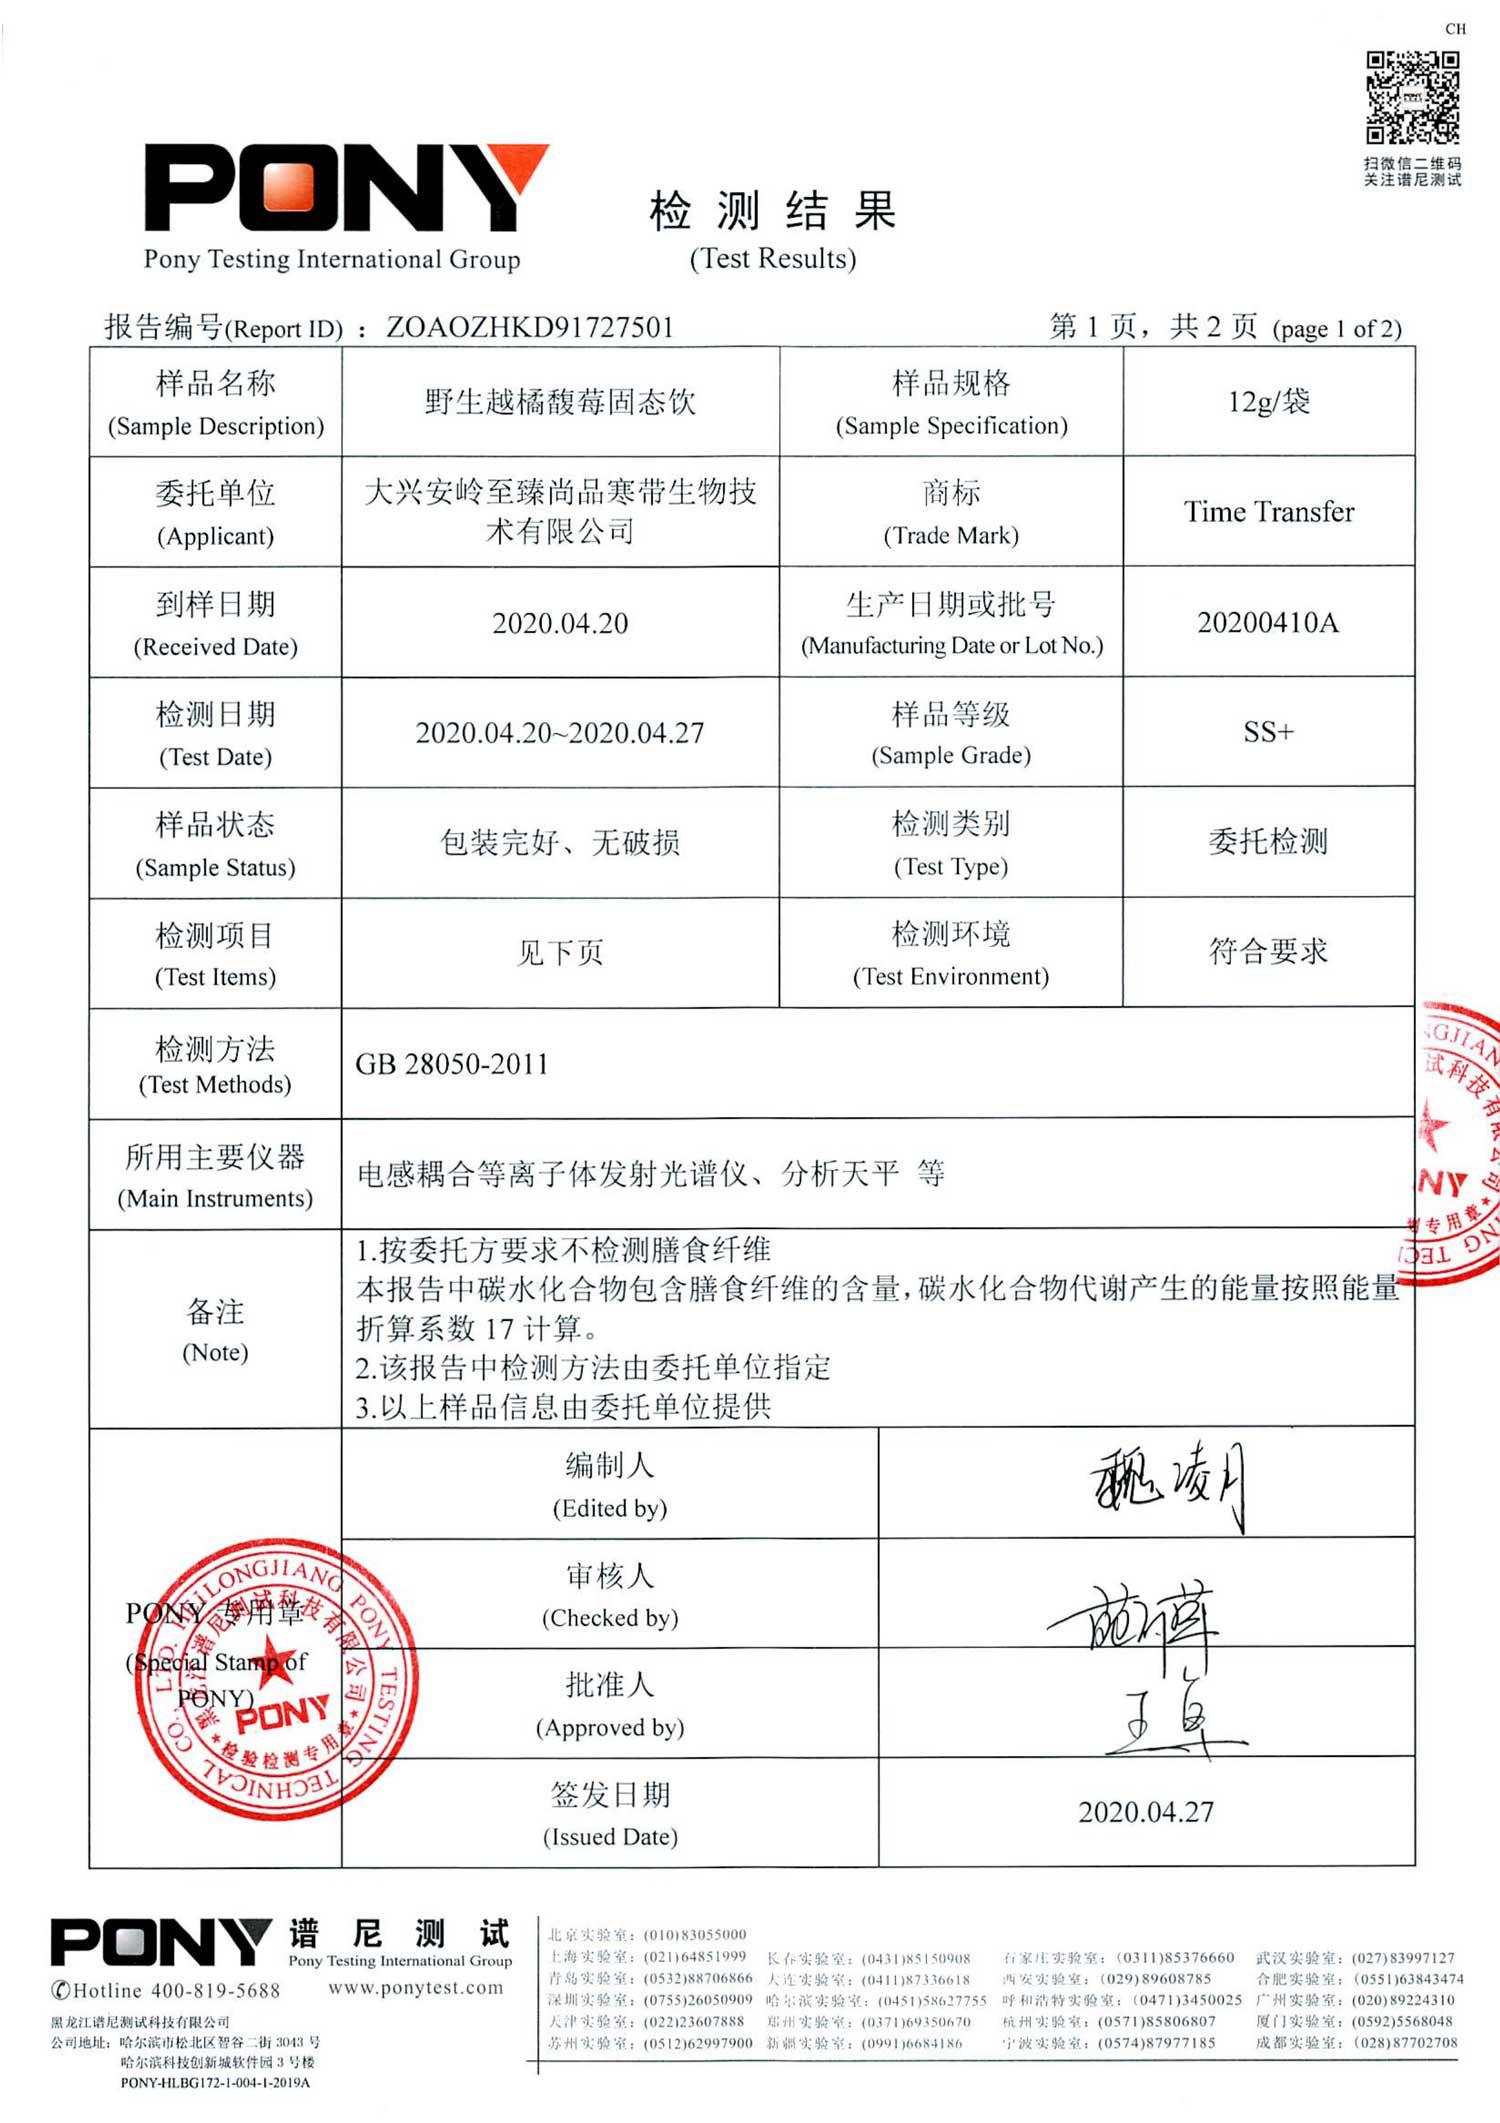 野生越橘馥莓固态饮营养成分检测报告_01.jpg